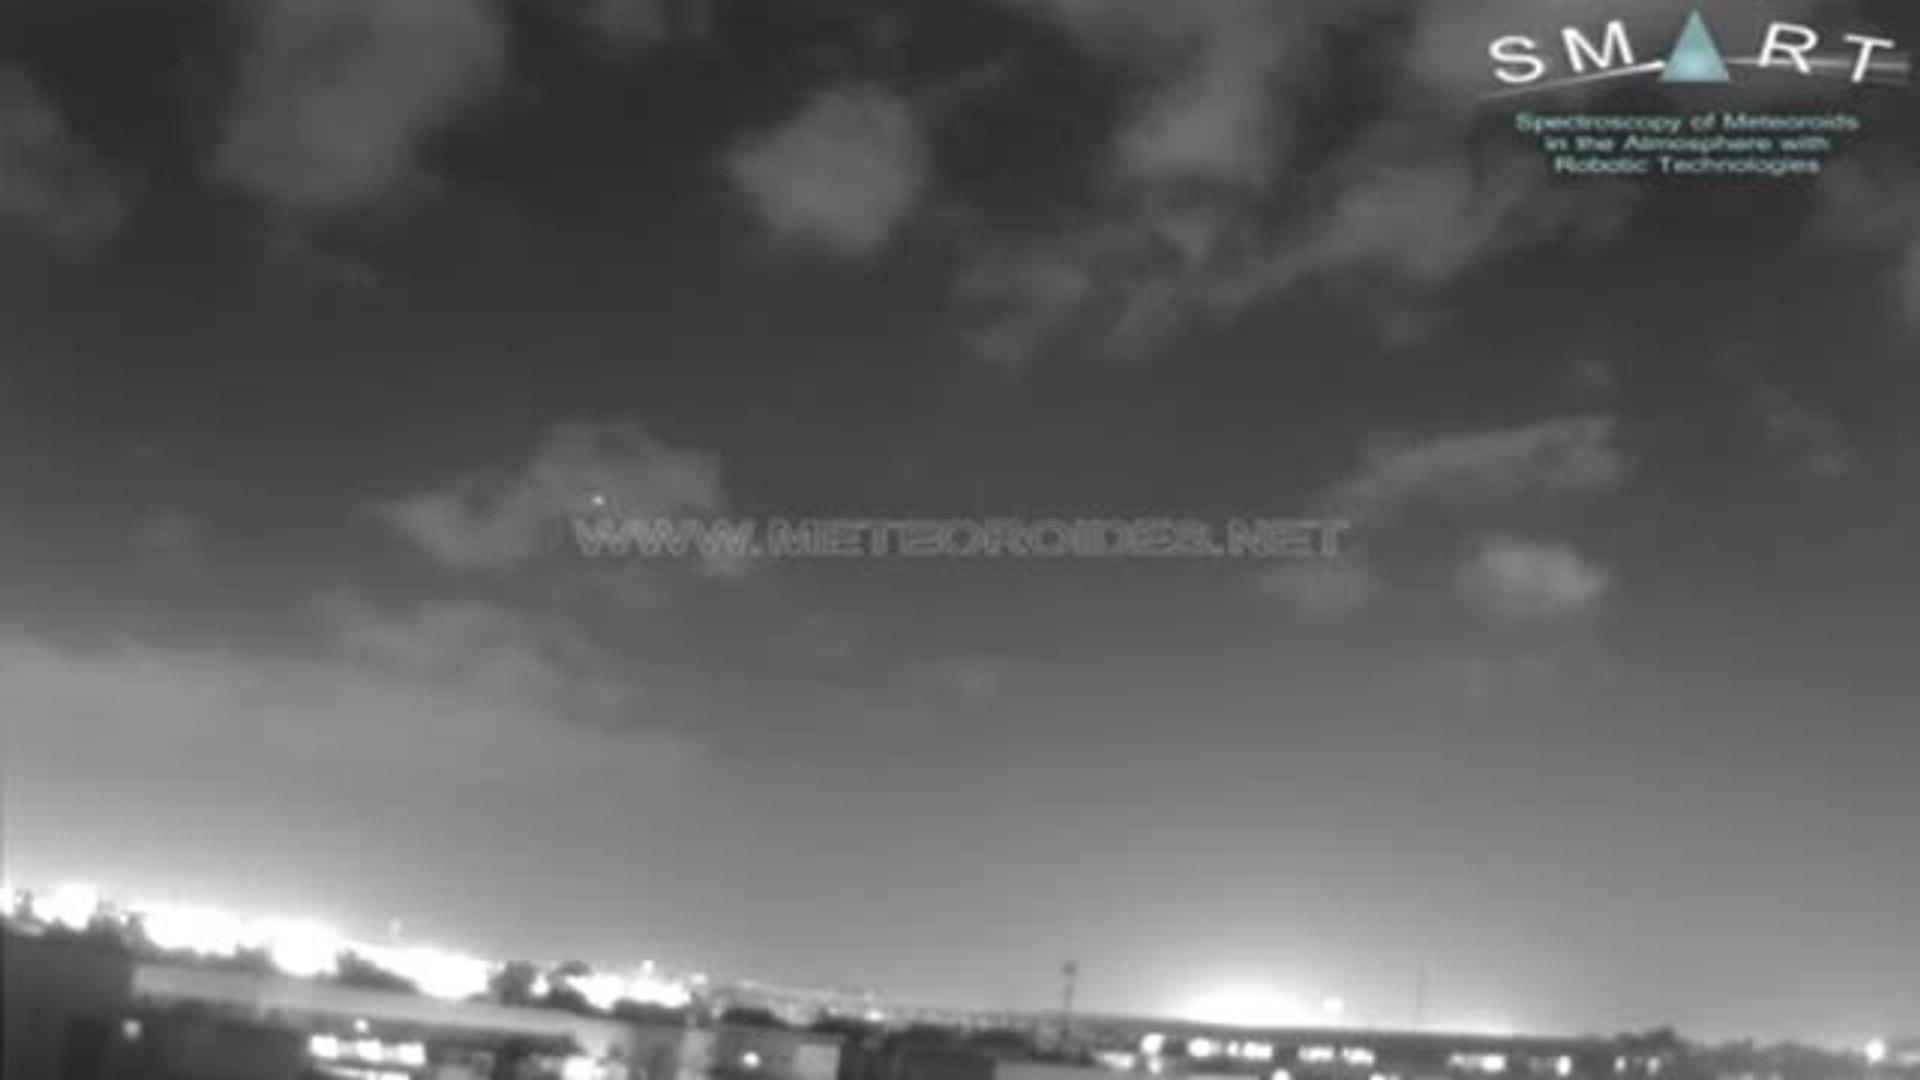 Una bola de fuego procedente de un cometa ilumina el cielo de Sevilla, Huelva y Badajoz